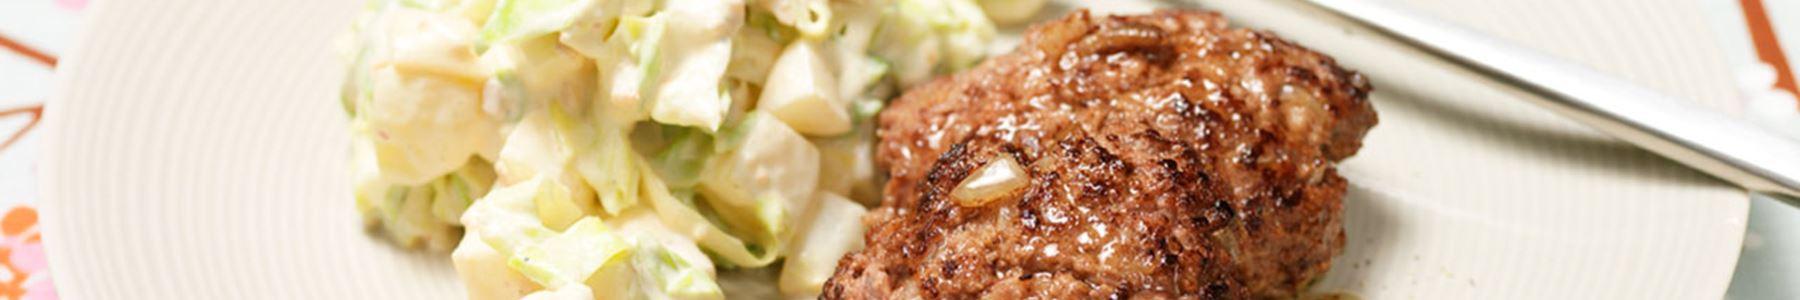 GI-metoden + Matfett + Coleslaw